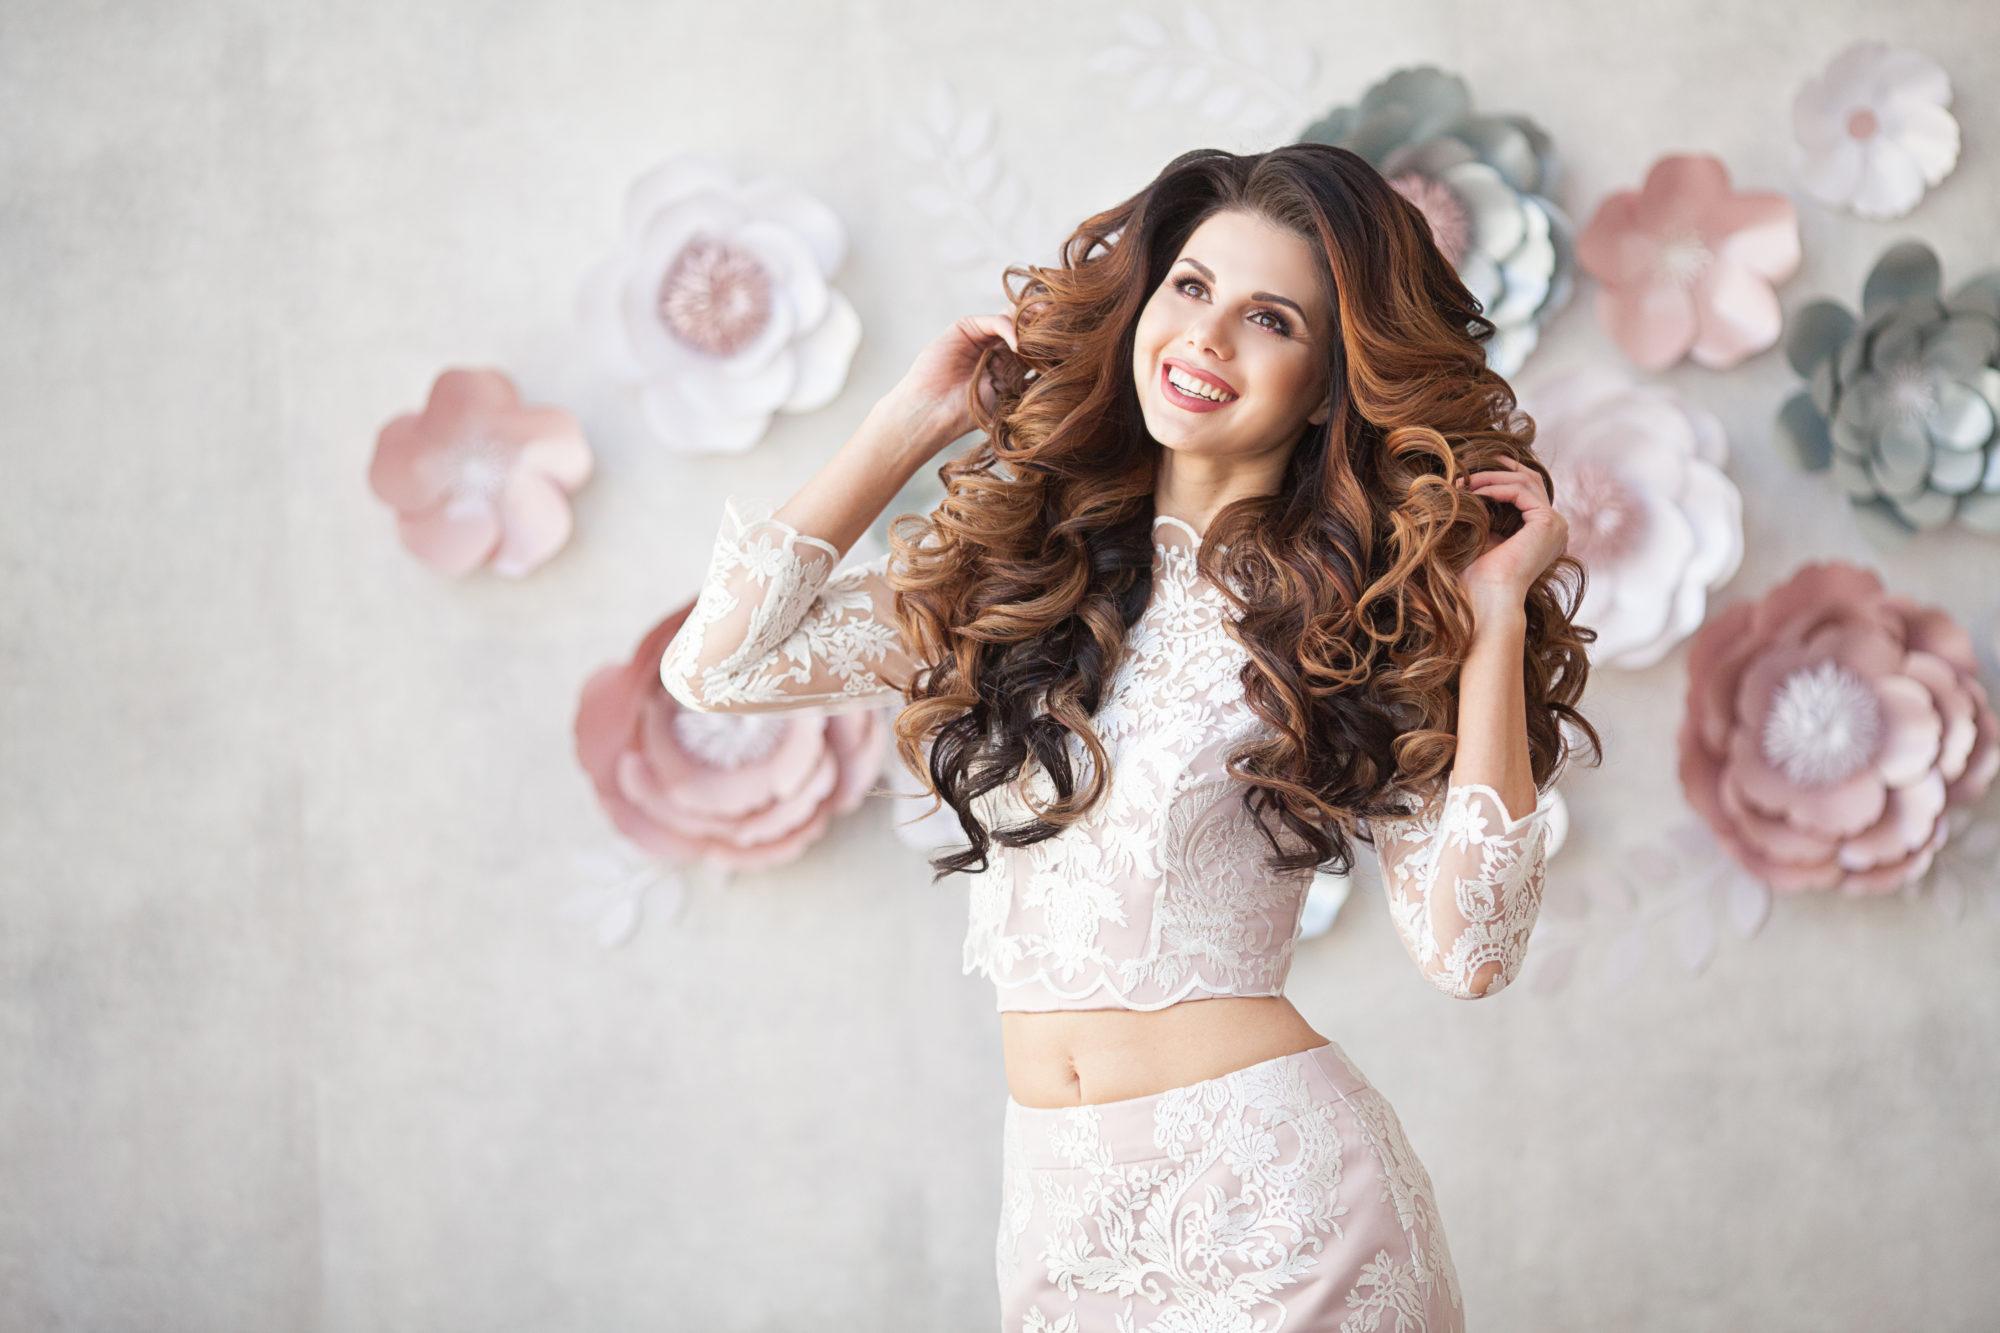 Model-Evgeniya-Rusinovskaya.-Syomka-dlya-svadebnogo-salona-Aliza-4-e1524741894361